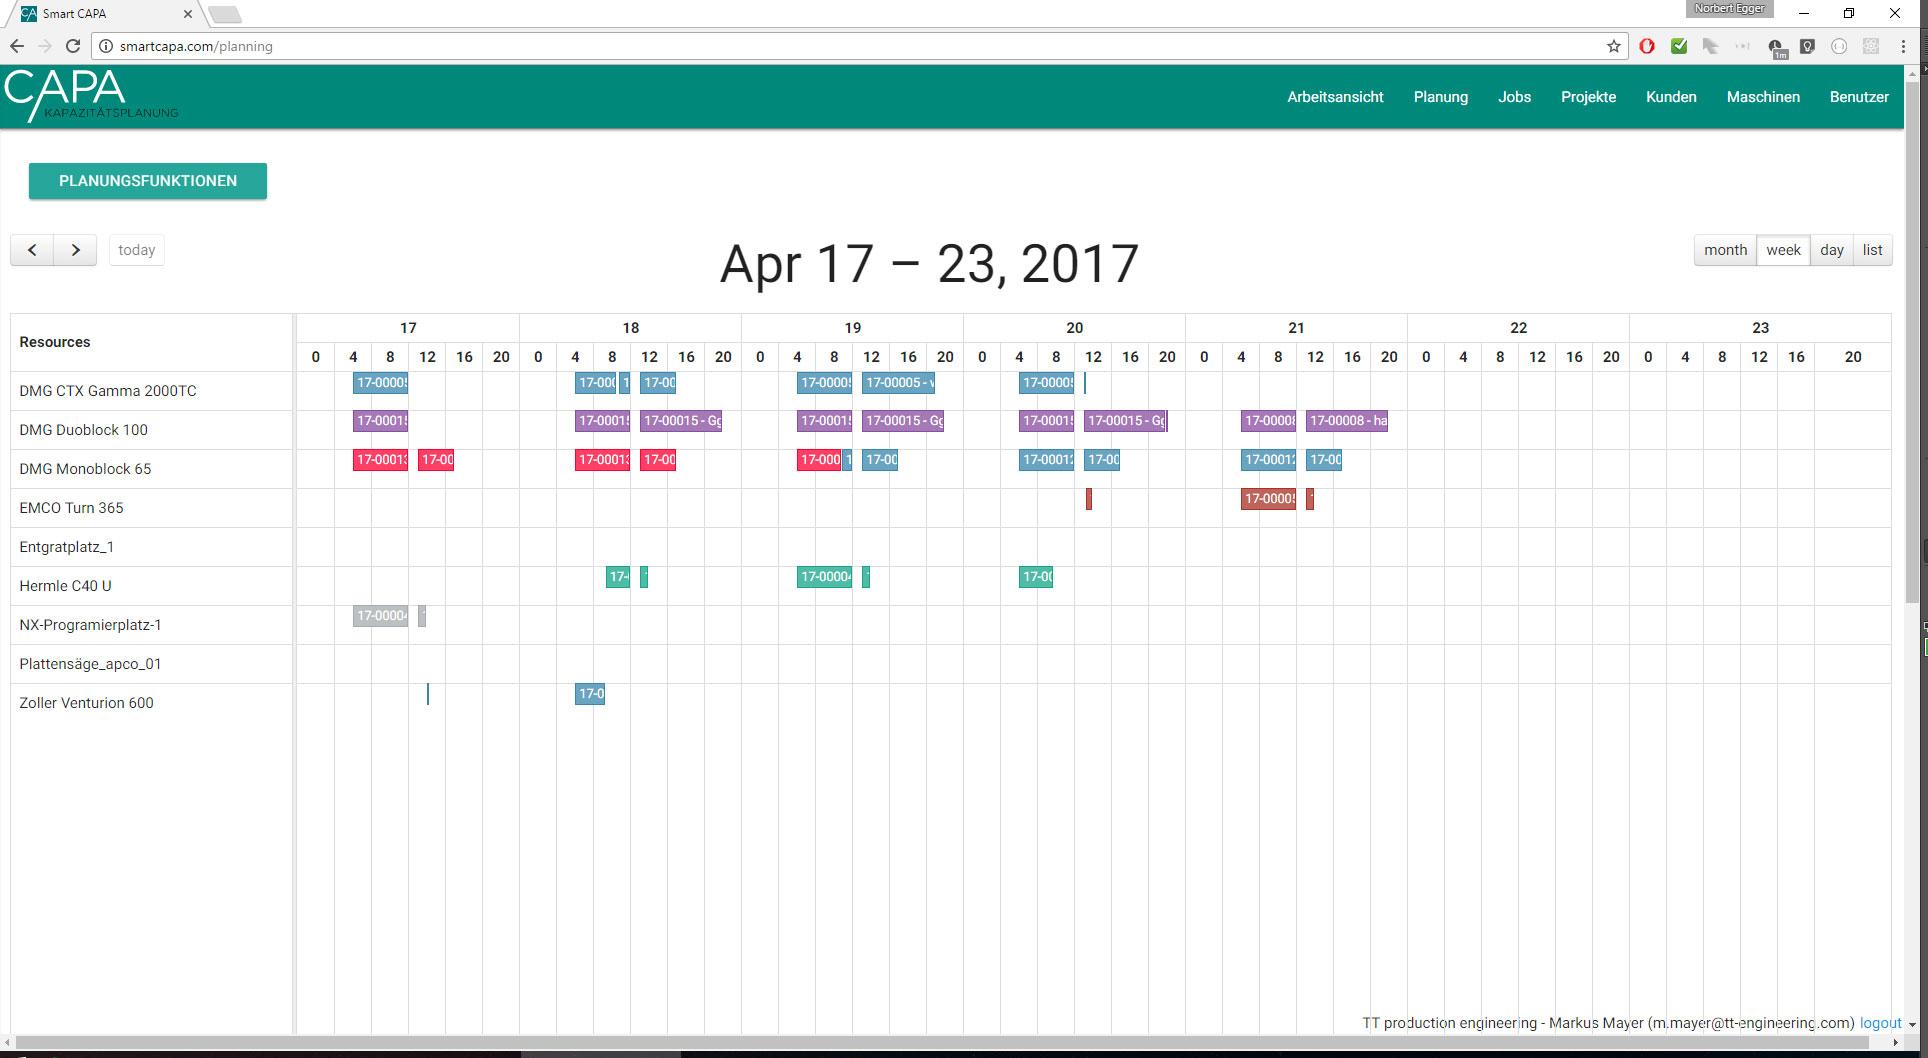 Smart CAPA Kalender Wochenansicht